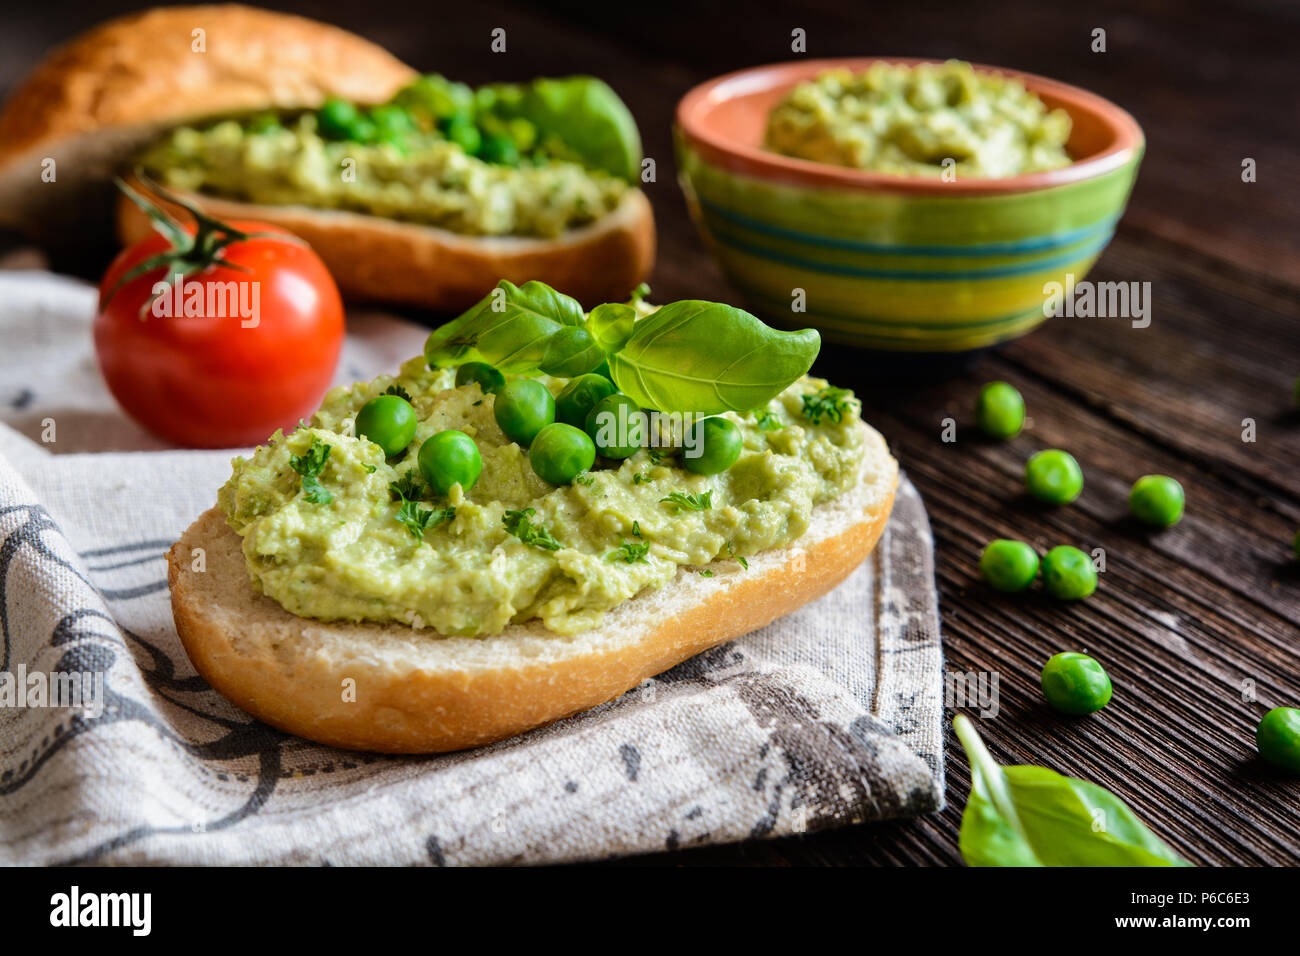 Baguette avec propagation faite de pois, les oeufs, l'oignon et les herbes Photo Stock